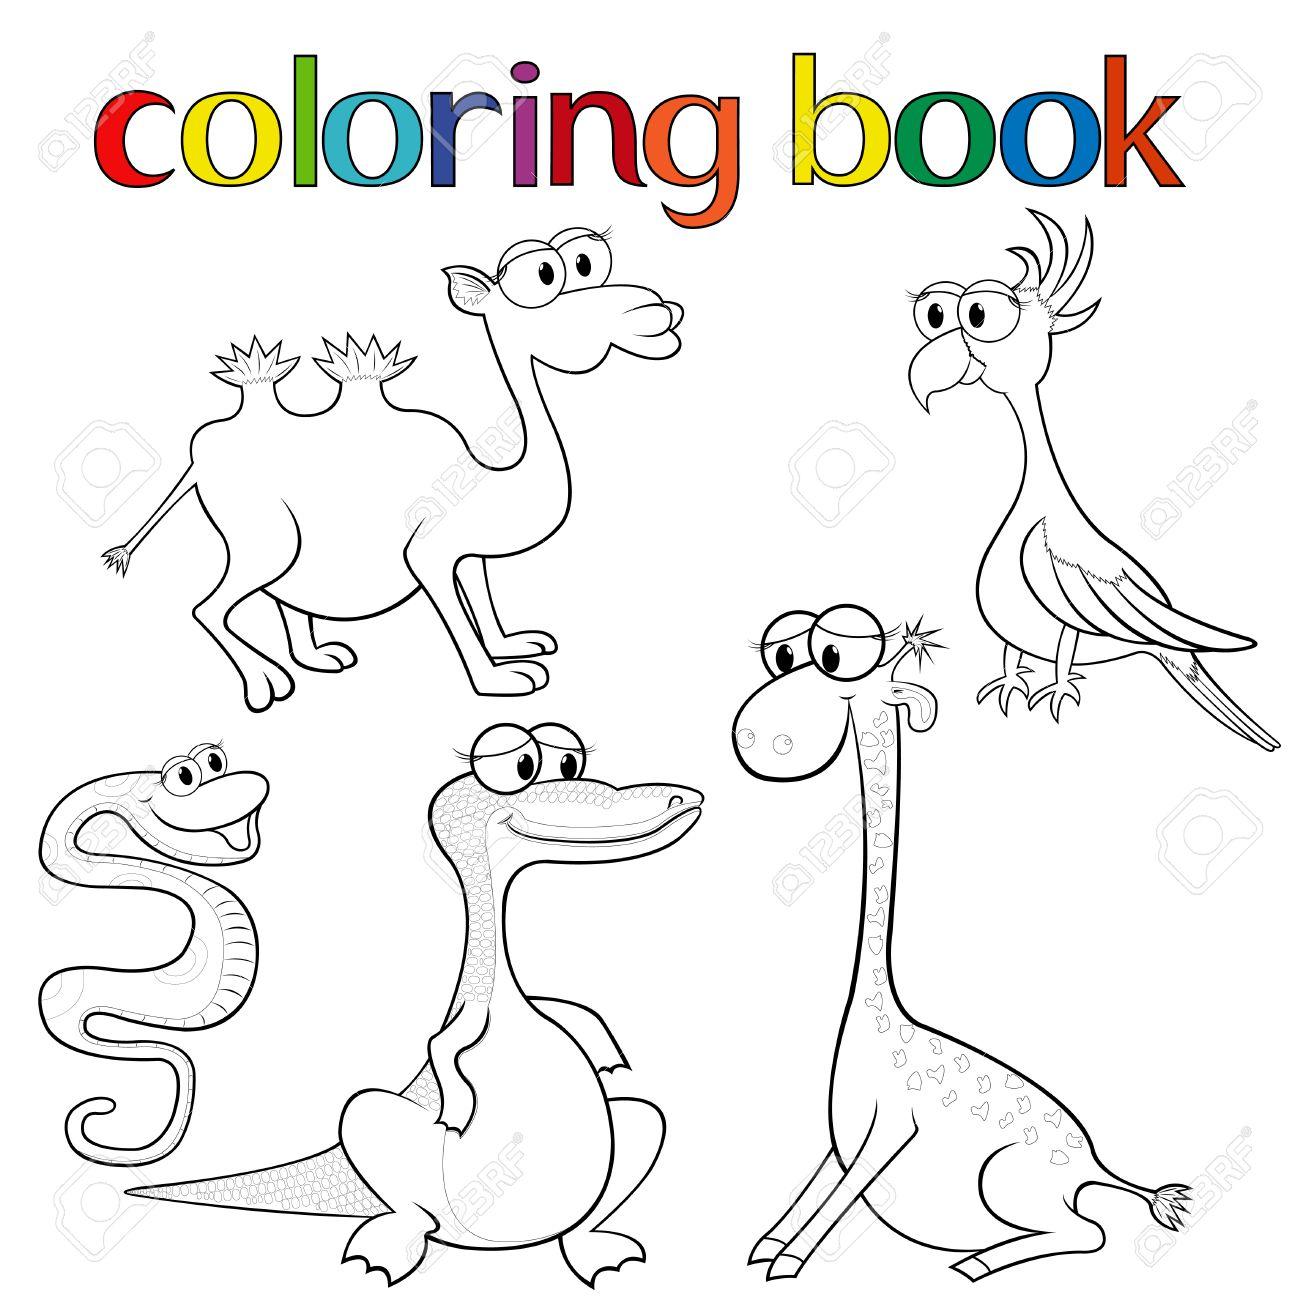 Vettoriale Set Di Animali Per Libro Da Colorare Con Giraffa